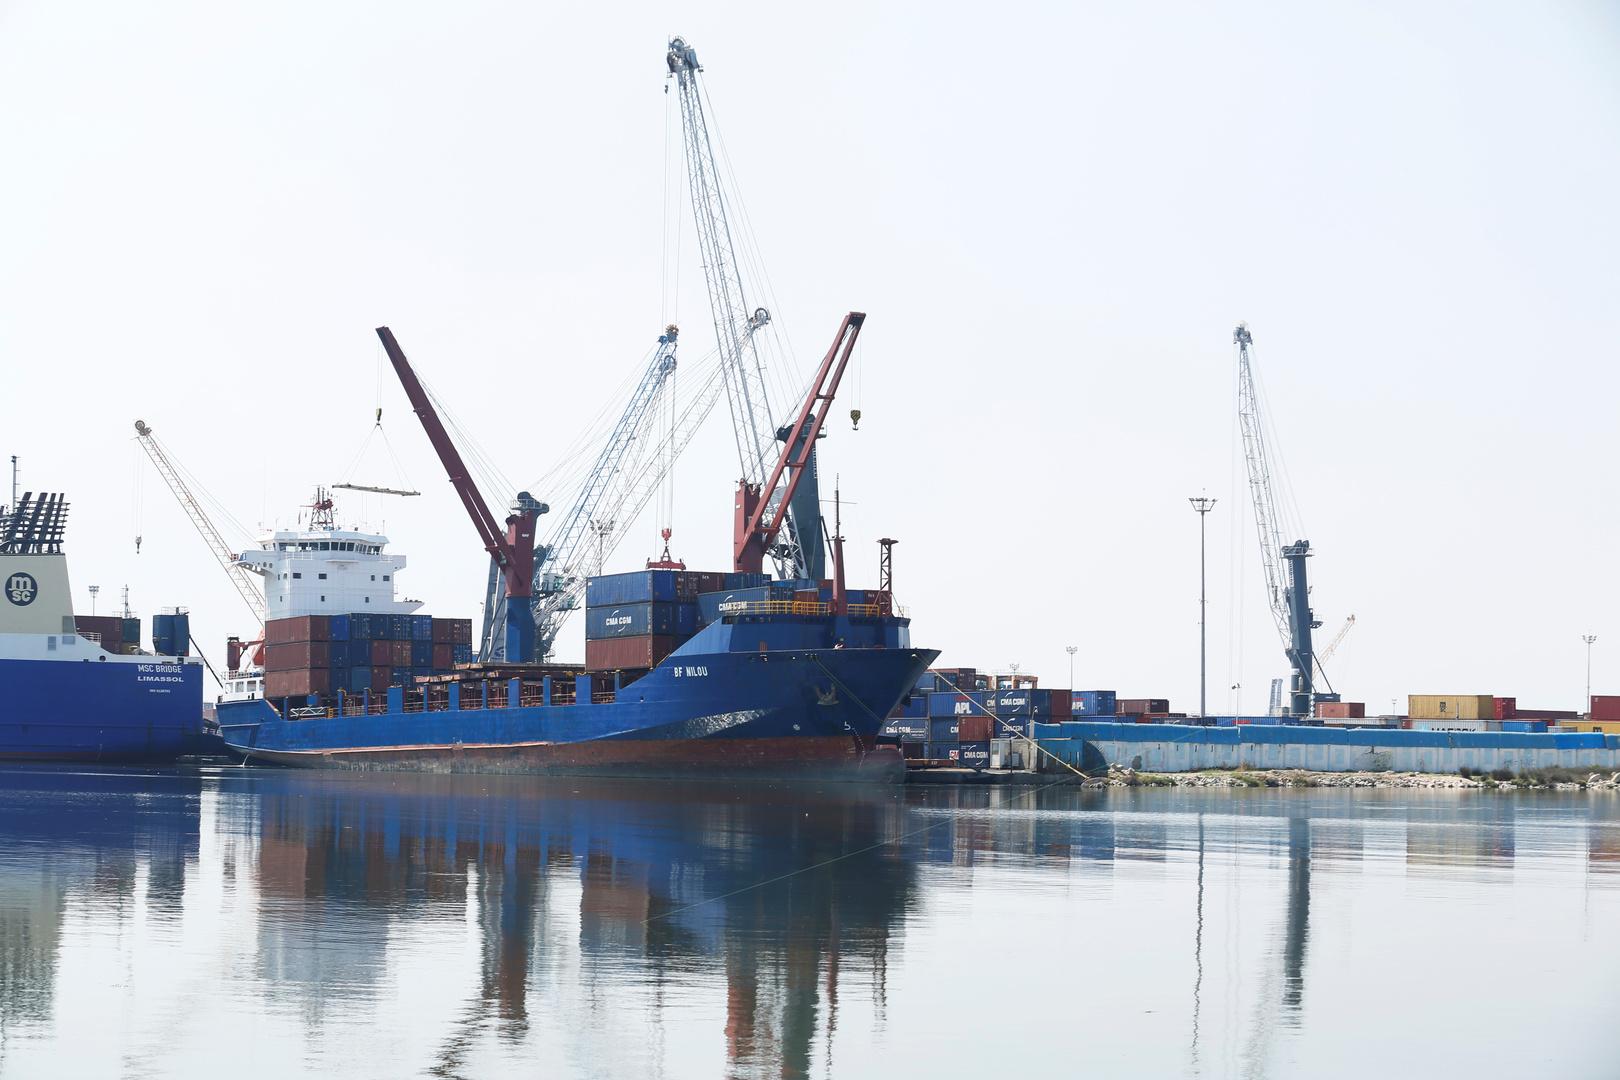 تونس تؤكد أنها ستعيد النفايات السامة إلى إيطاليا